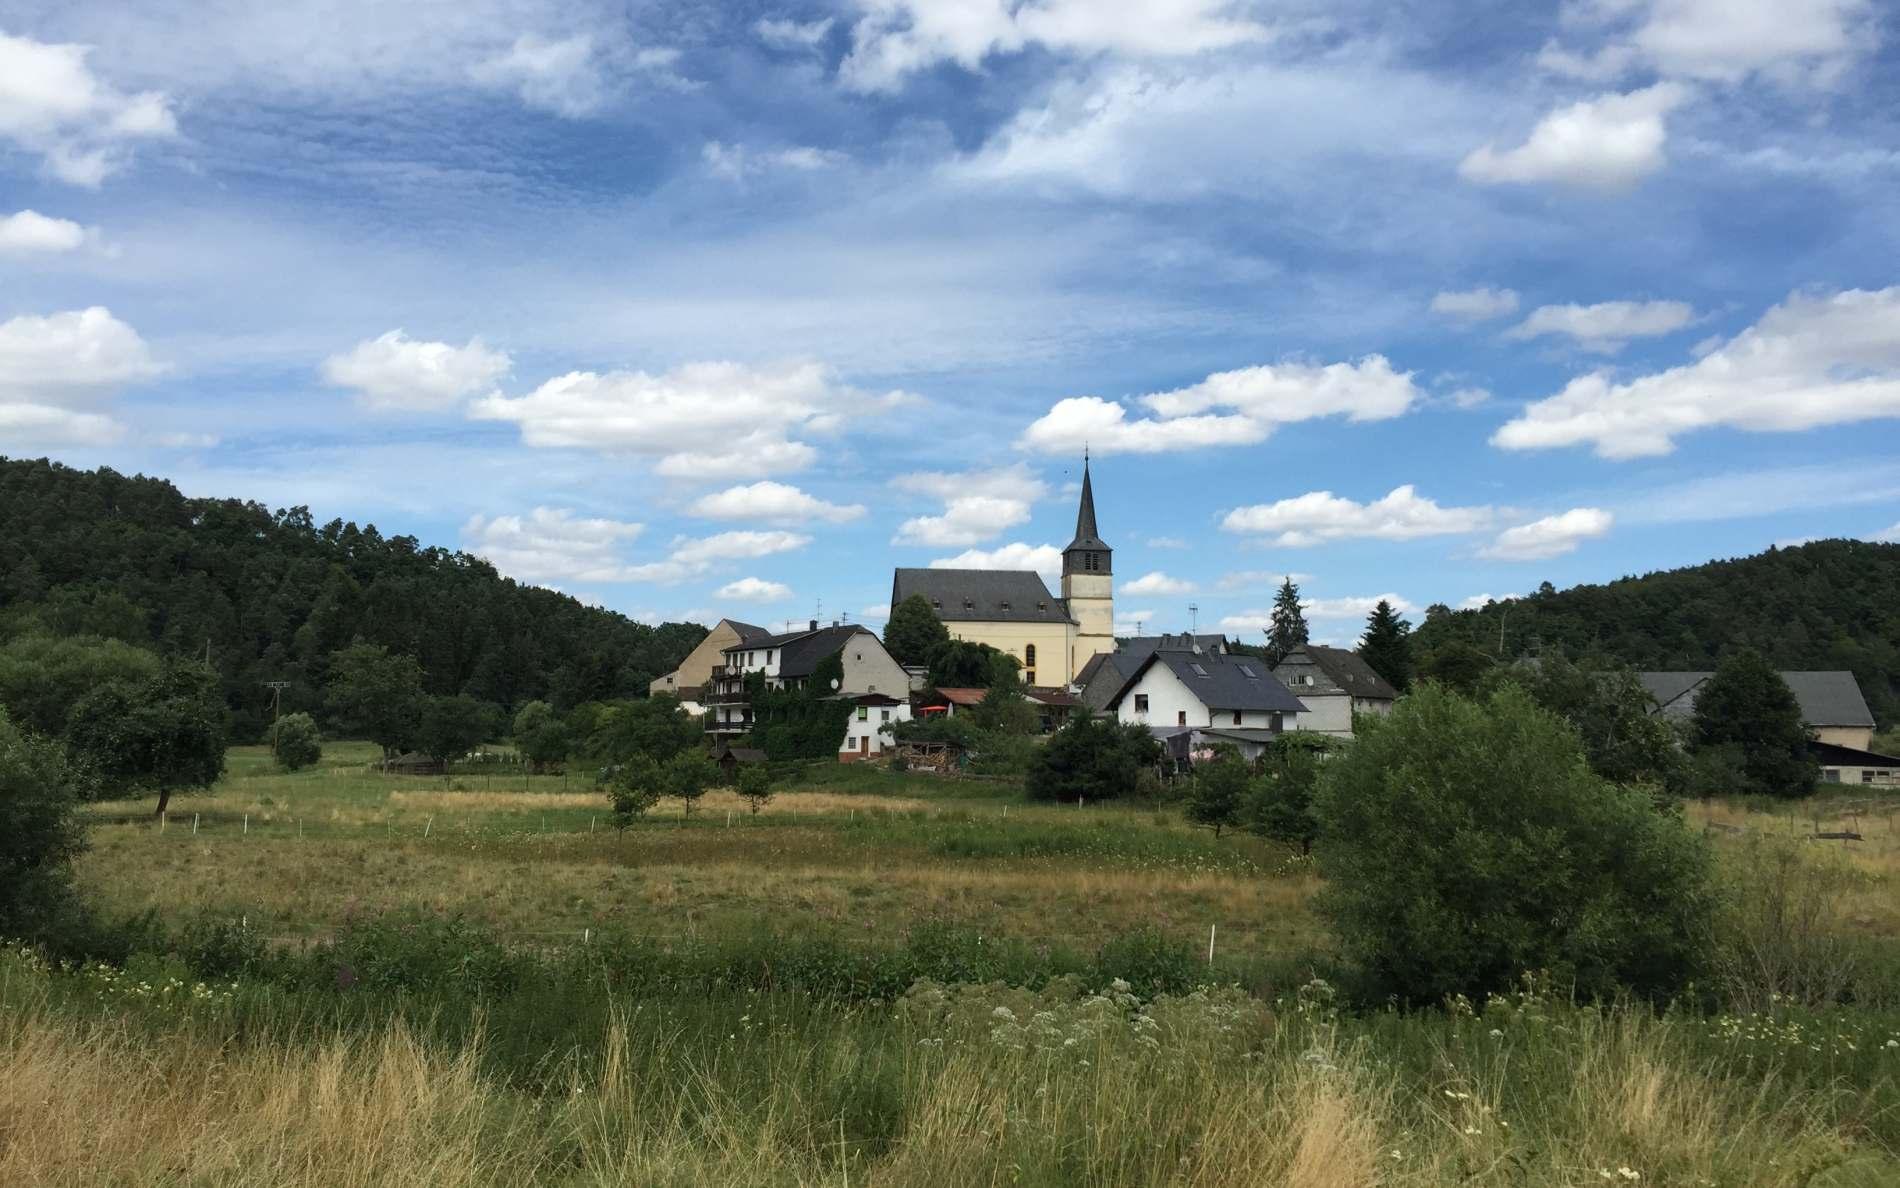 Hausen Hunsrück Idarwald Soonwald